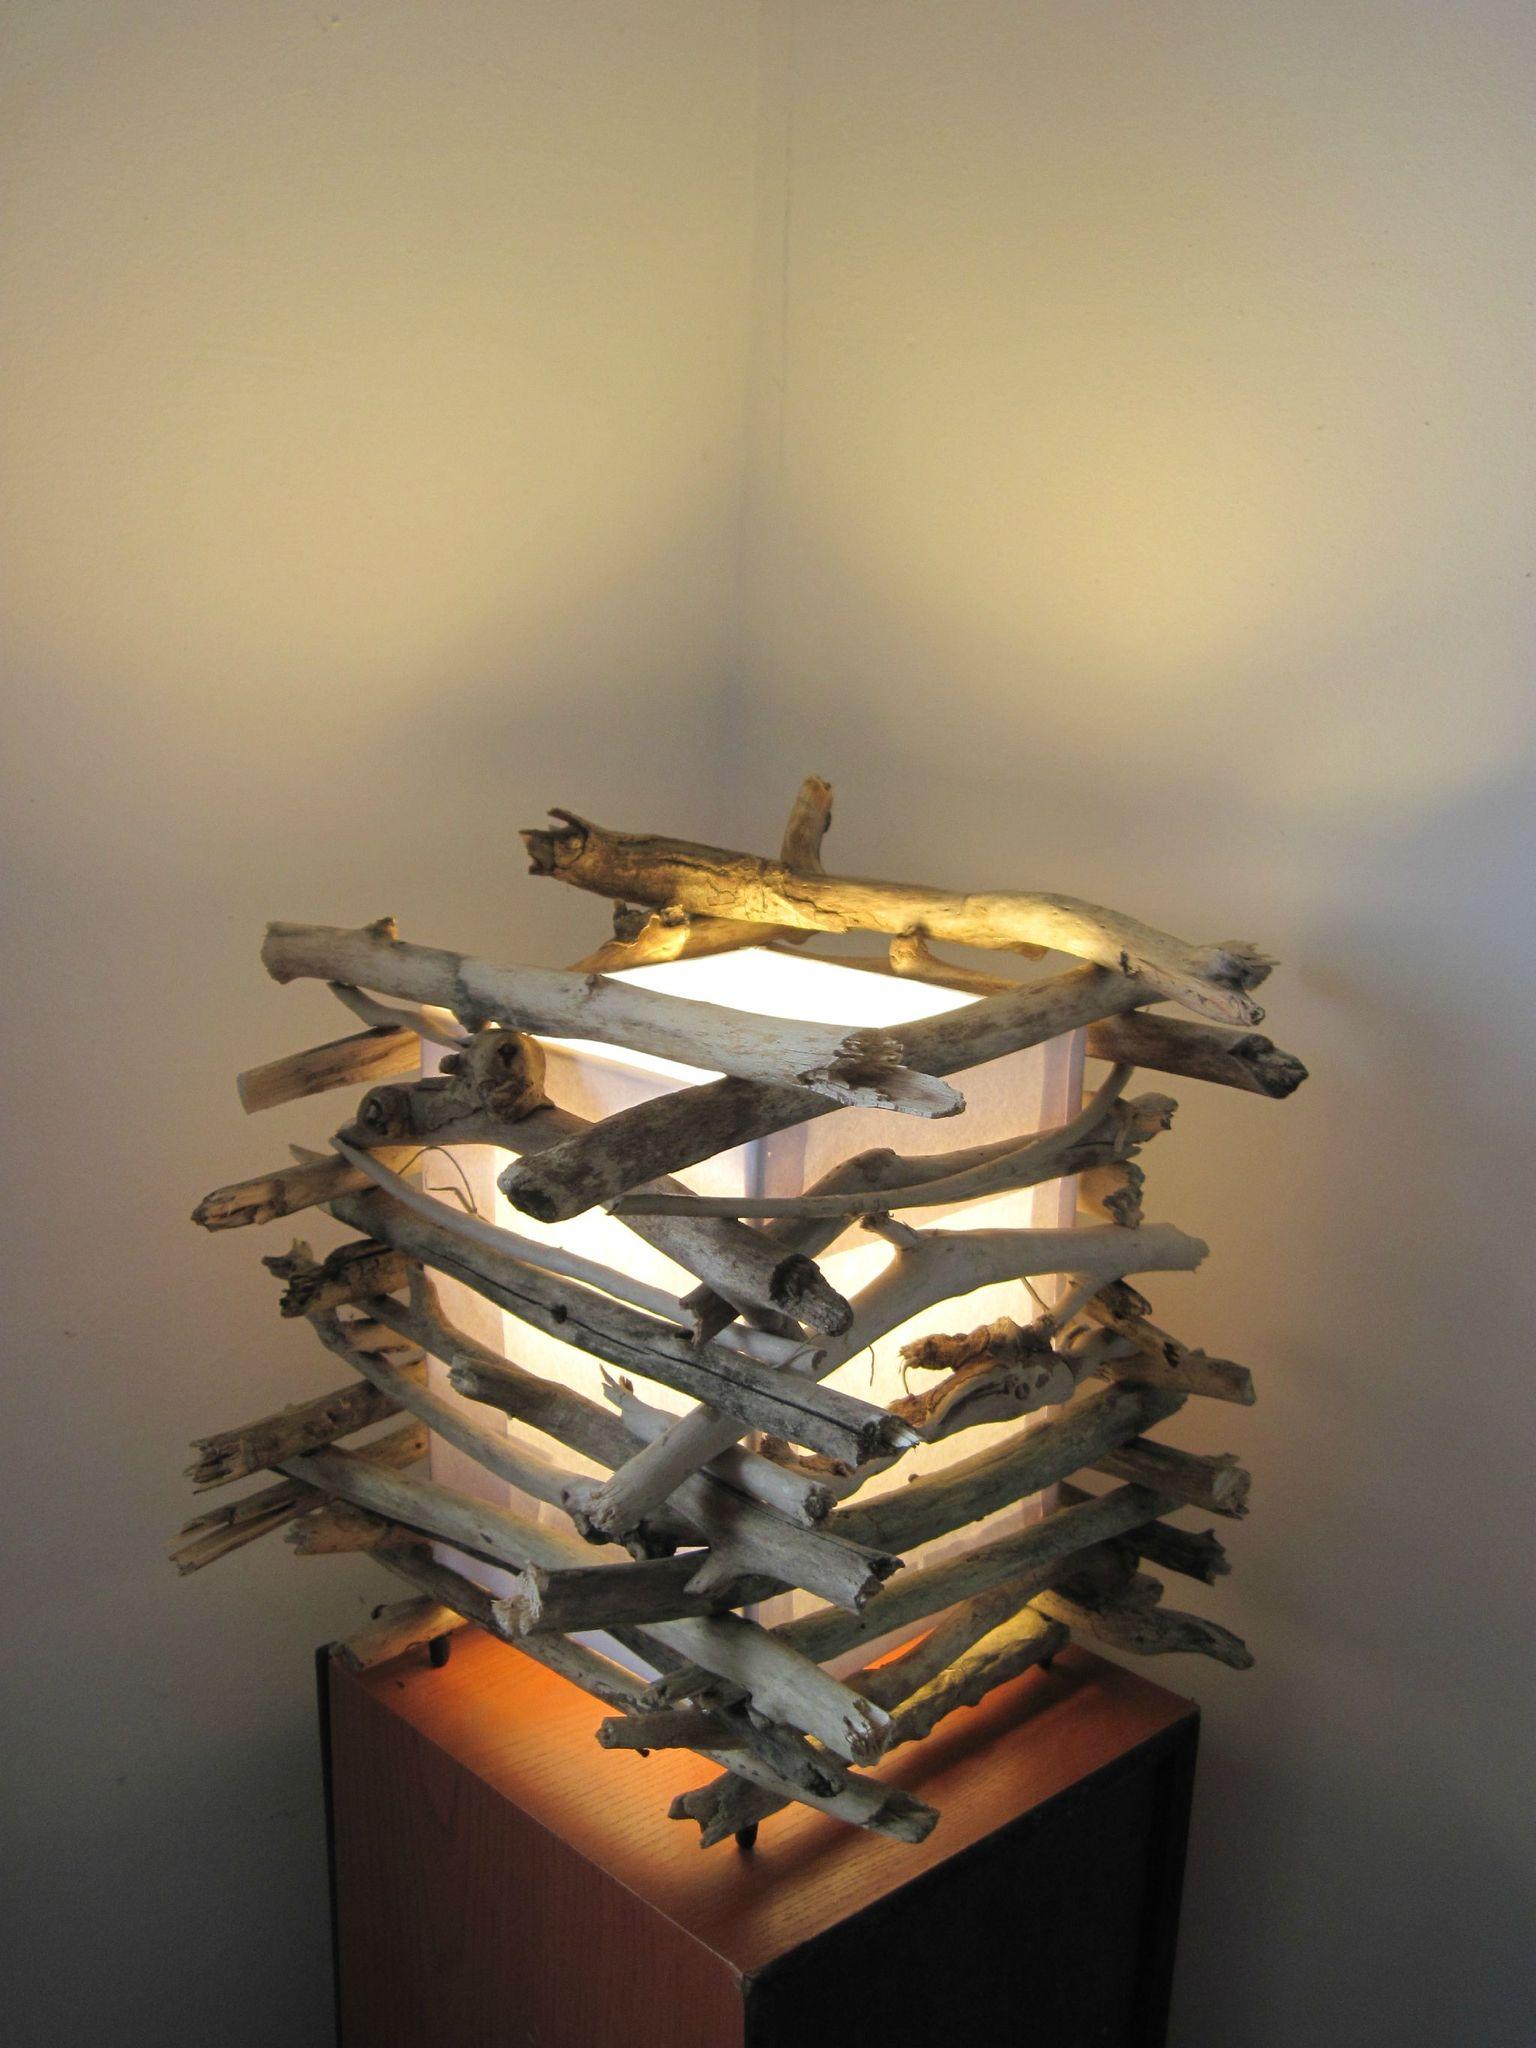 1re Lampe Pos Carr En Petit Bois Flott 02 Dcor Rcup